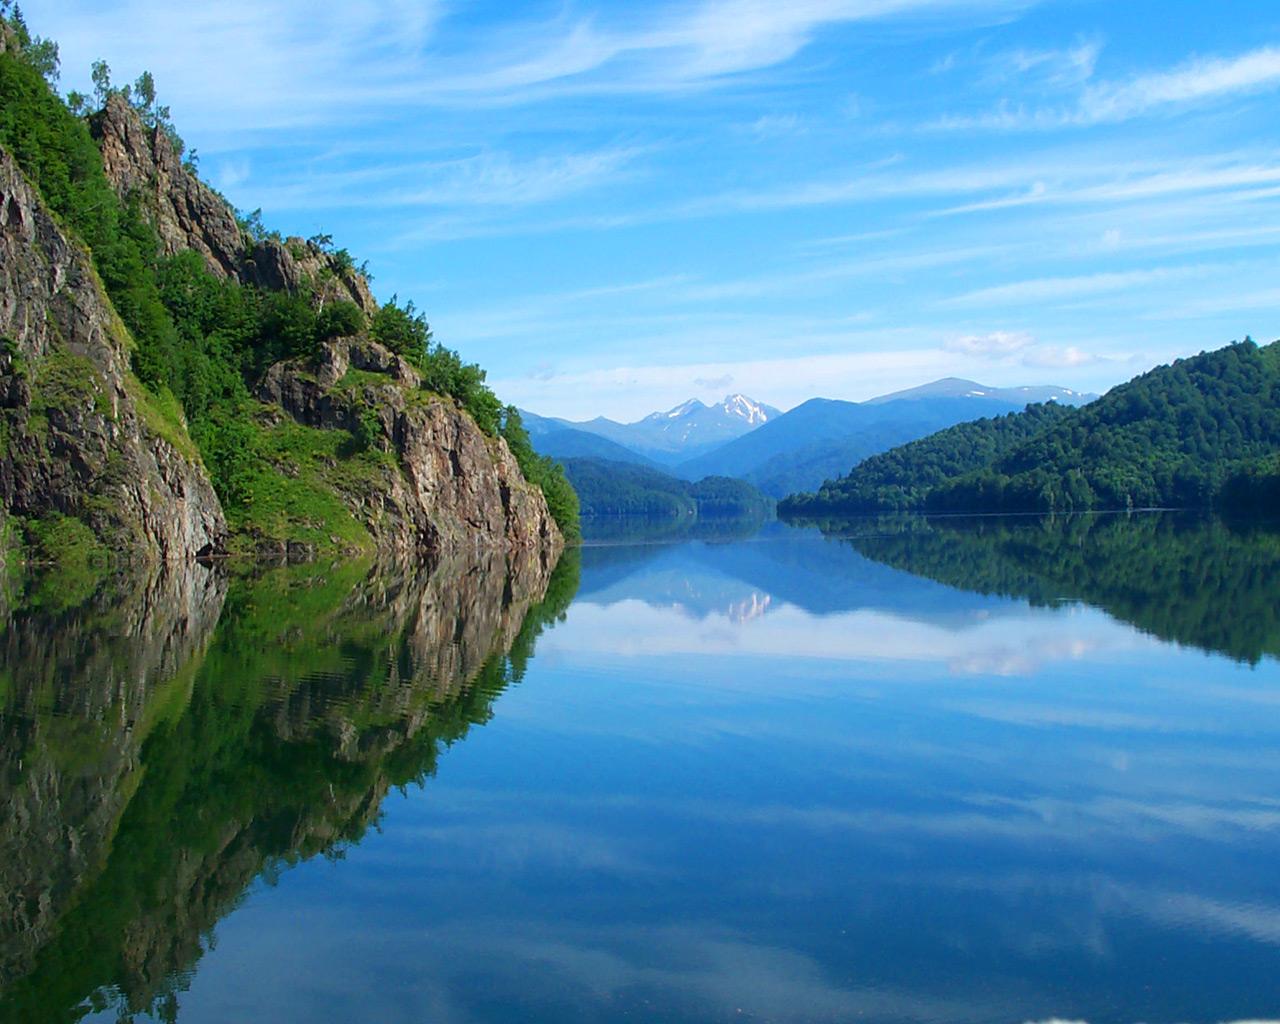 Atractie Turistica - Barajul Vidraru - Curtea de Arges - Centru Turistic